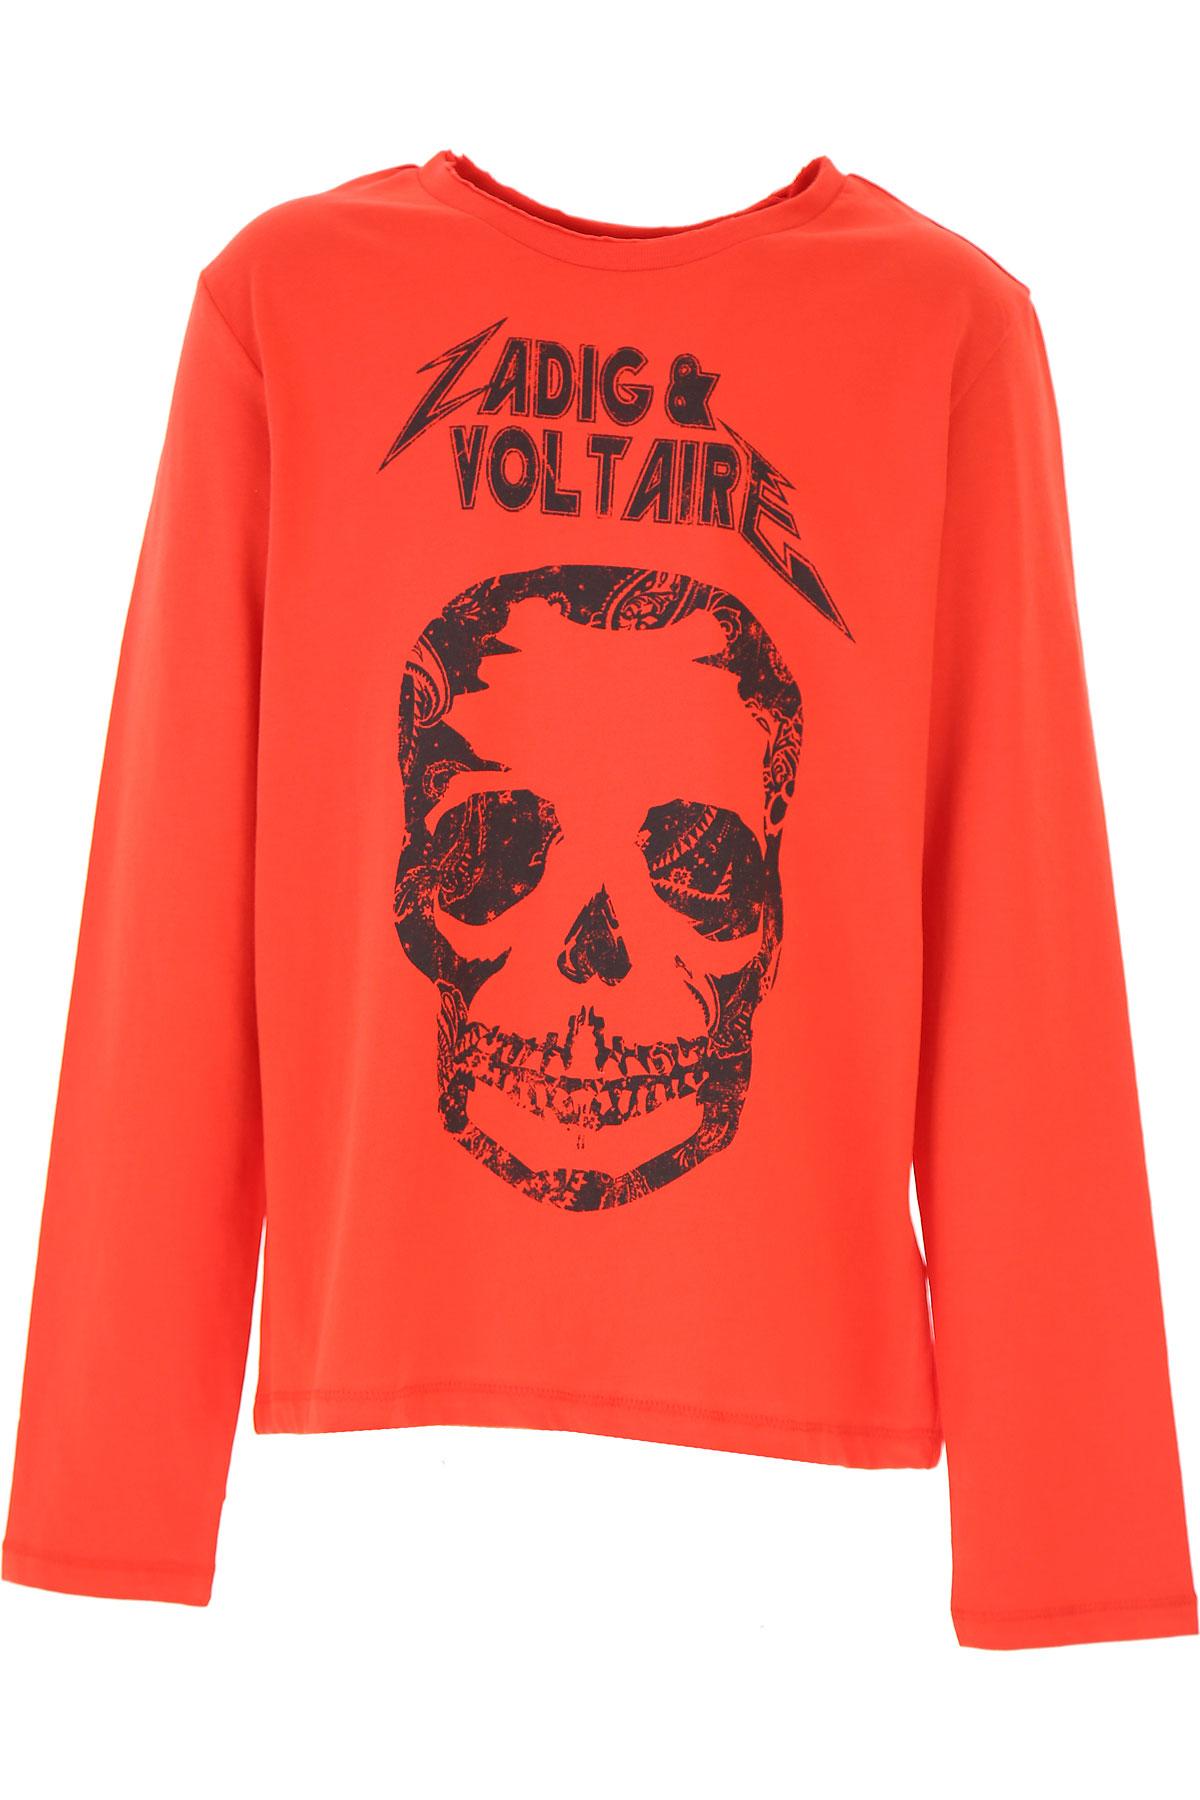 Zadig & Voltaire Kids T-Shirt for Boys On Sale, Red, Cotton, 2019, 10Y 12Y 14Y 16Y 8Y